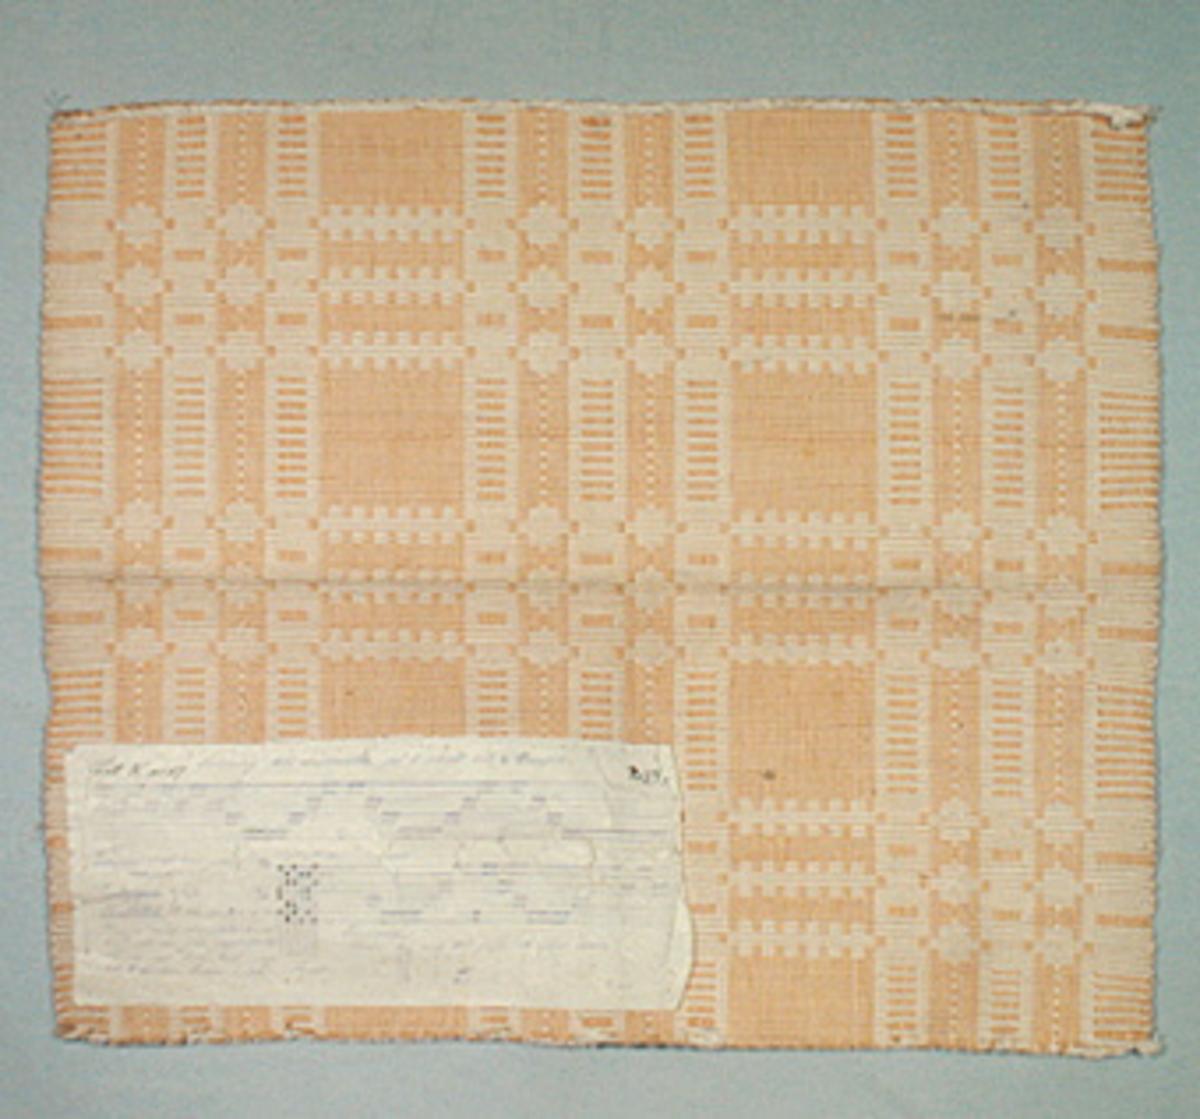 Vävprov ämnat som matta, vävt med bomullsgarn i både varp och inslag. Vävtekniken är rips och färgerna är vitt och gult. På mattan finns en vaxad tyglapp med vävinformation. Mattprovet är märkt B119.